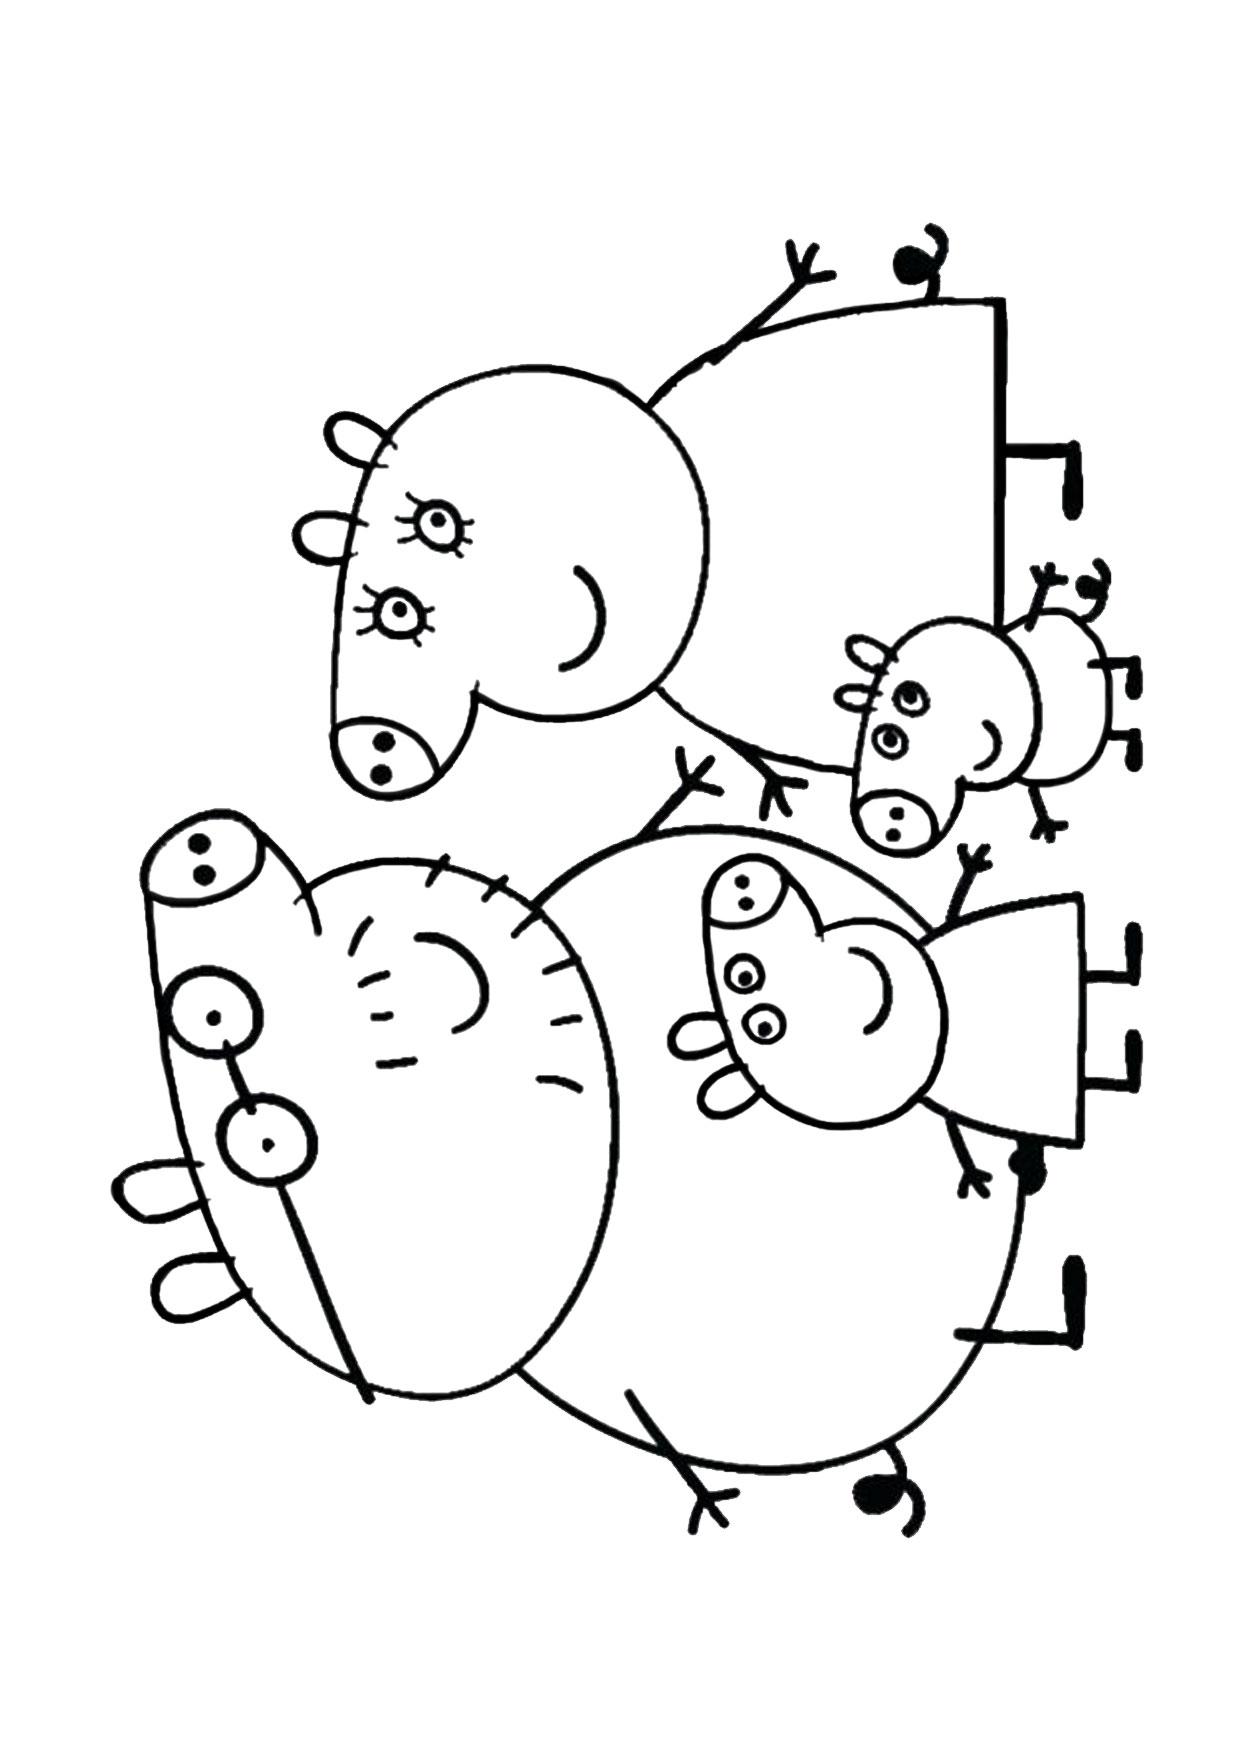 Disegno Peppa Pig da colorare 38